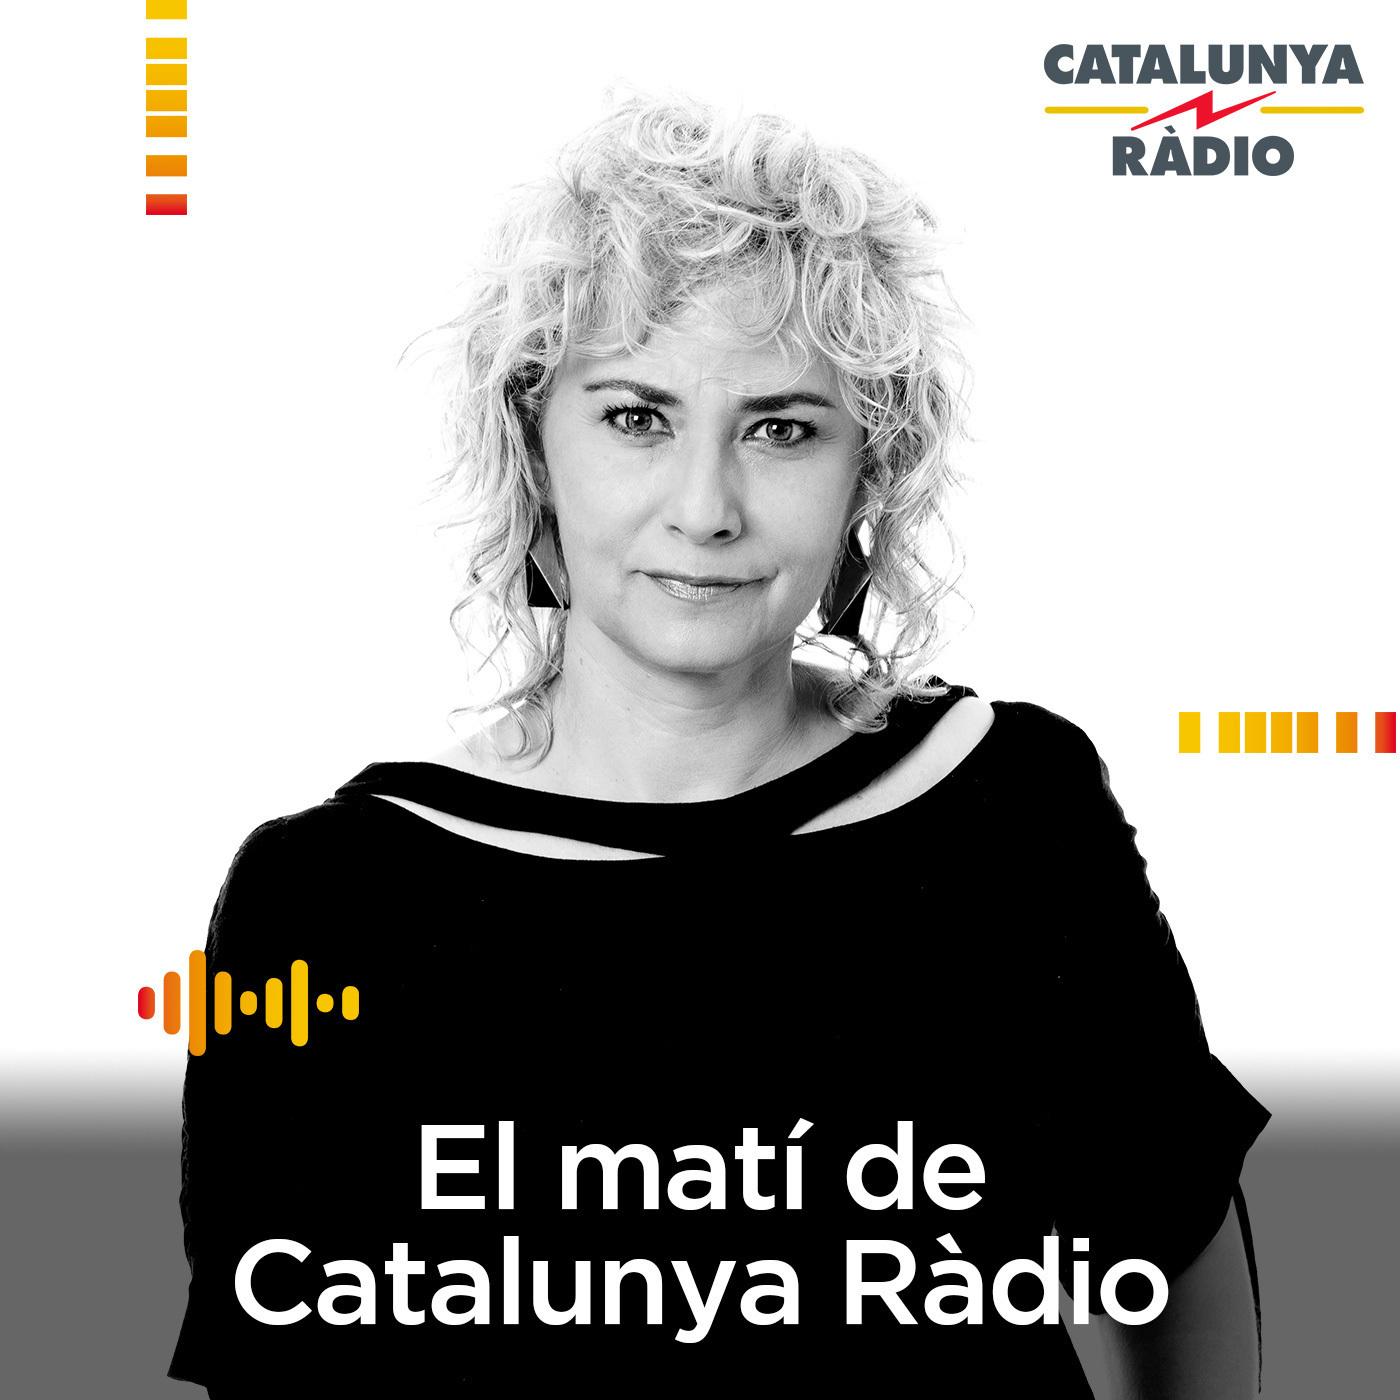 El matí de Catalunya Ràdio, de 9 a 10 h - 24/06/2020